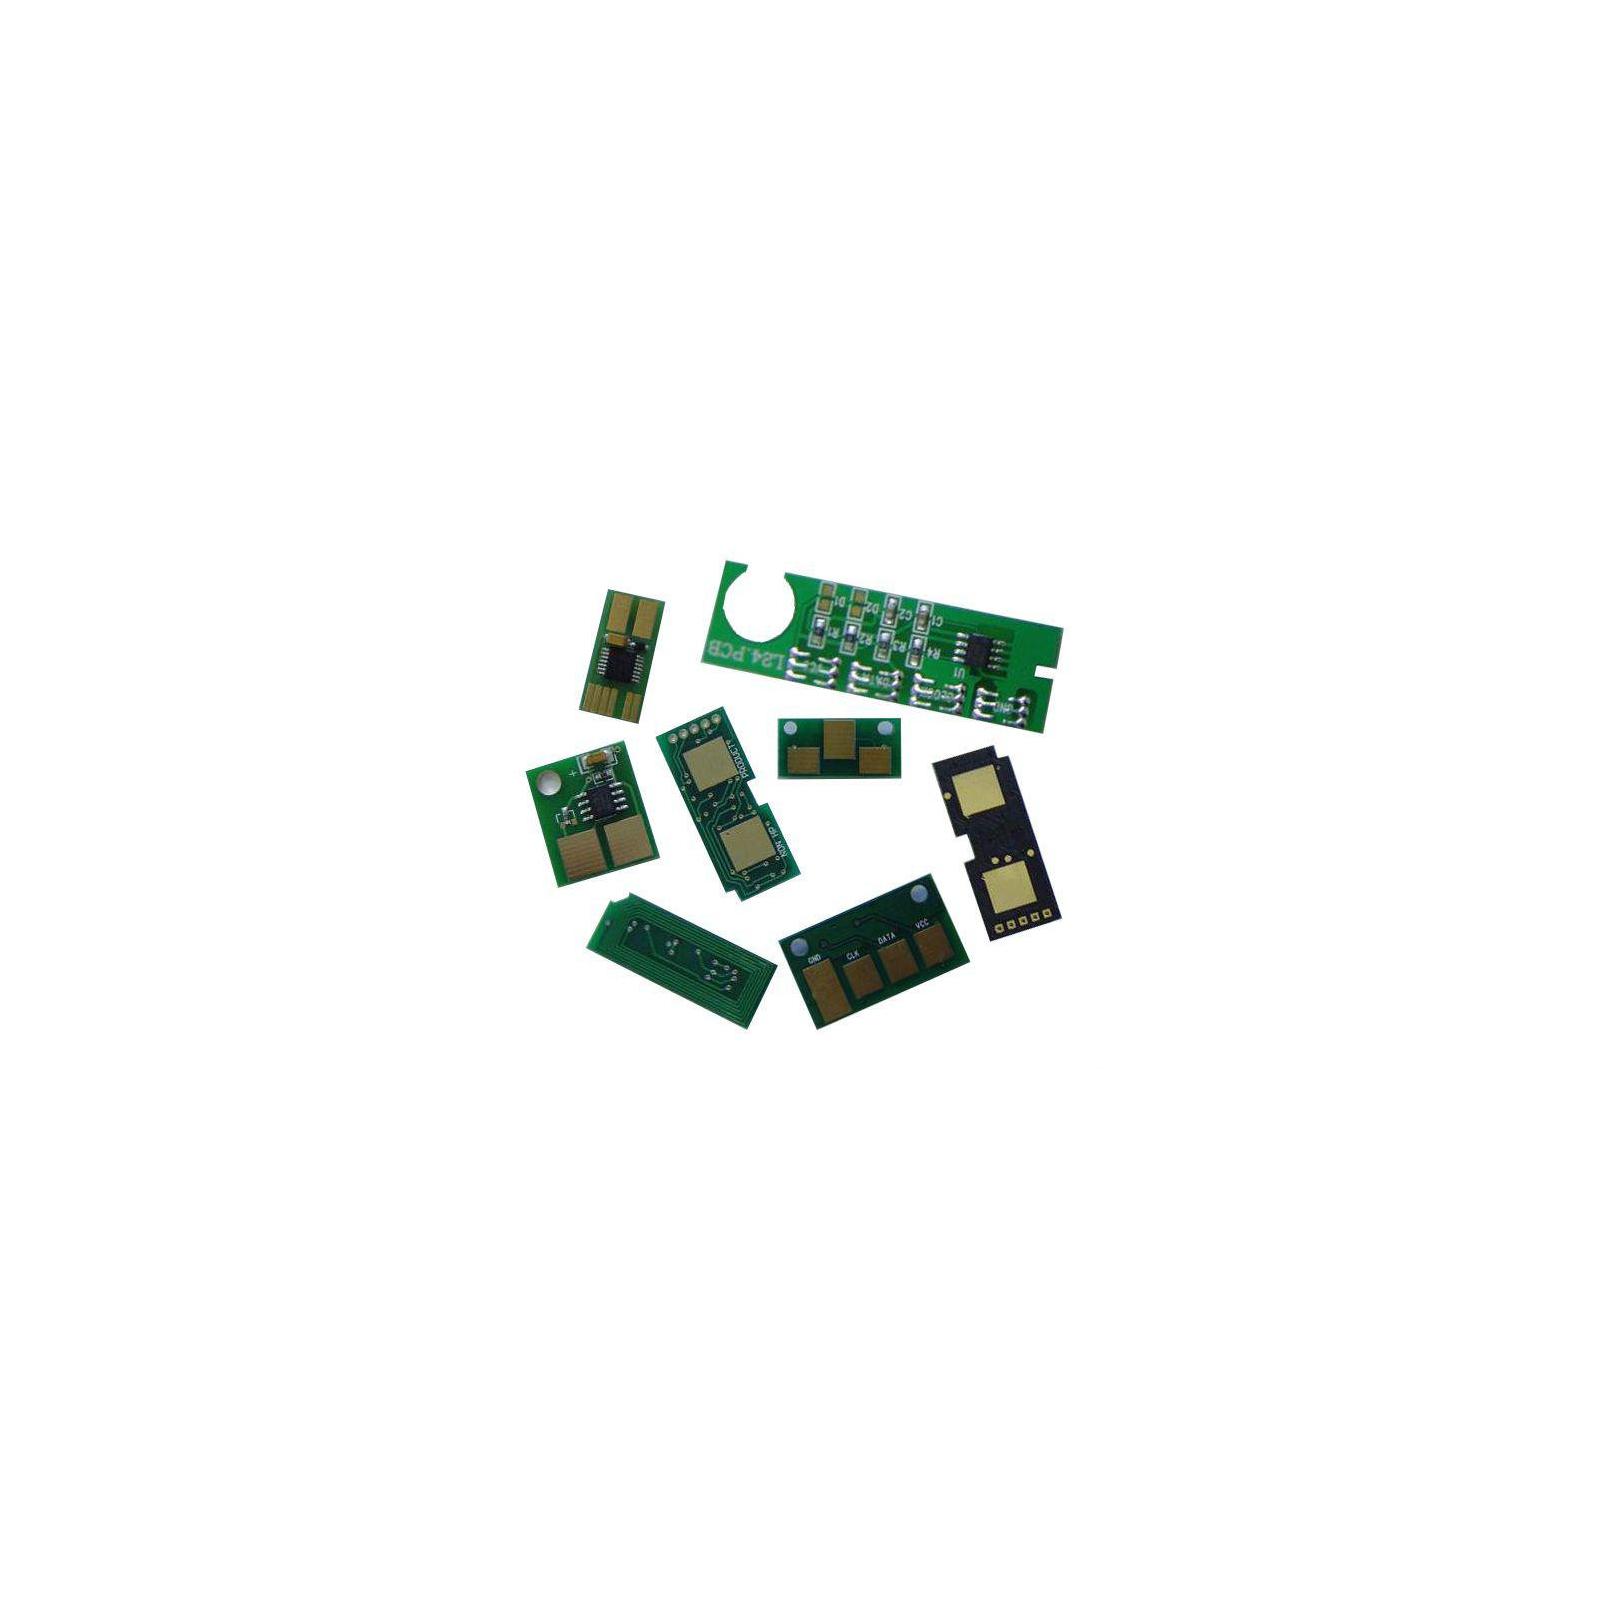 Чип для картриджа CANON 054 ДЛЯ MF642 1.2K MAGENTA Everprint (CHIP-CAN-054-M)